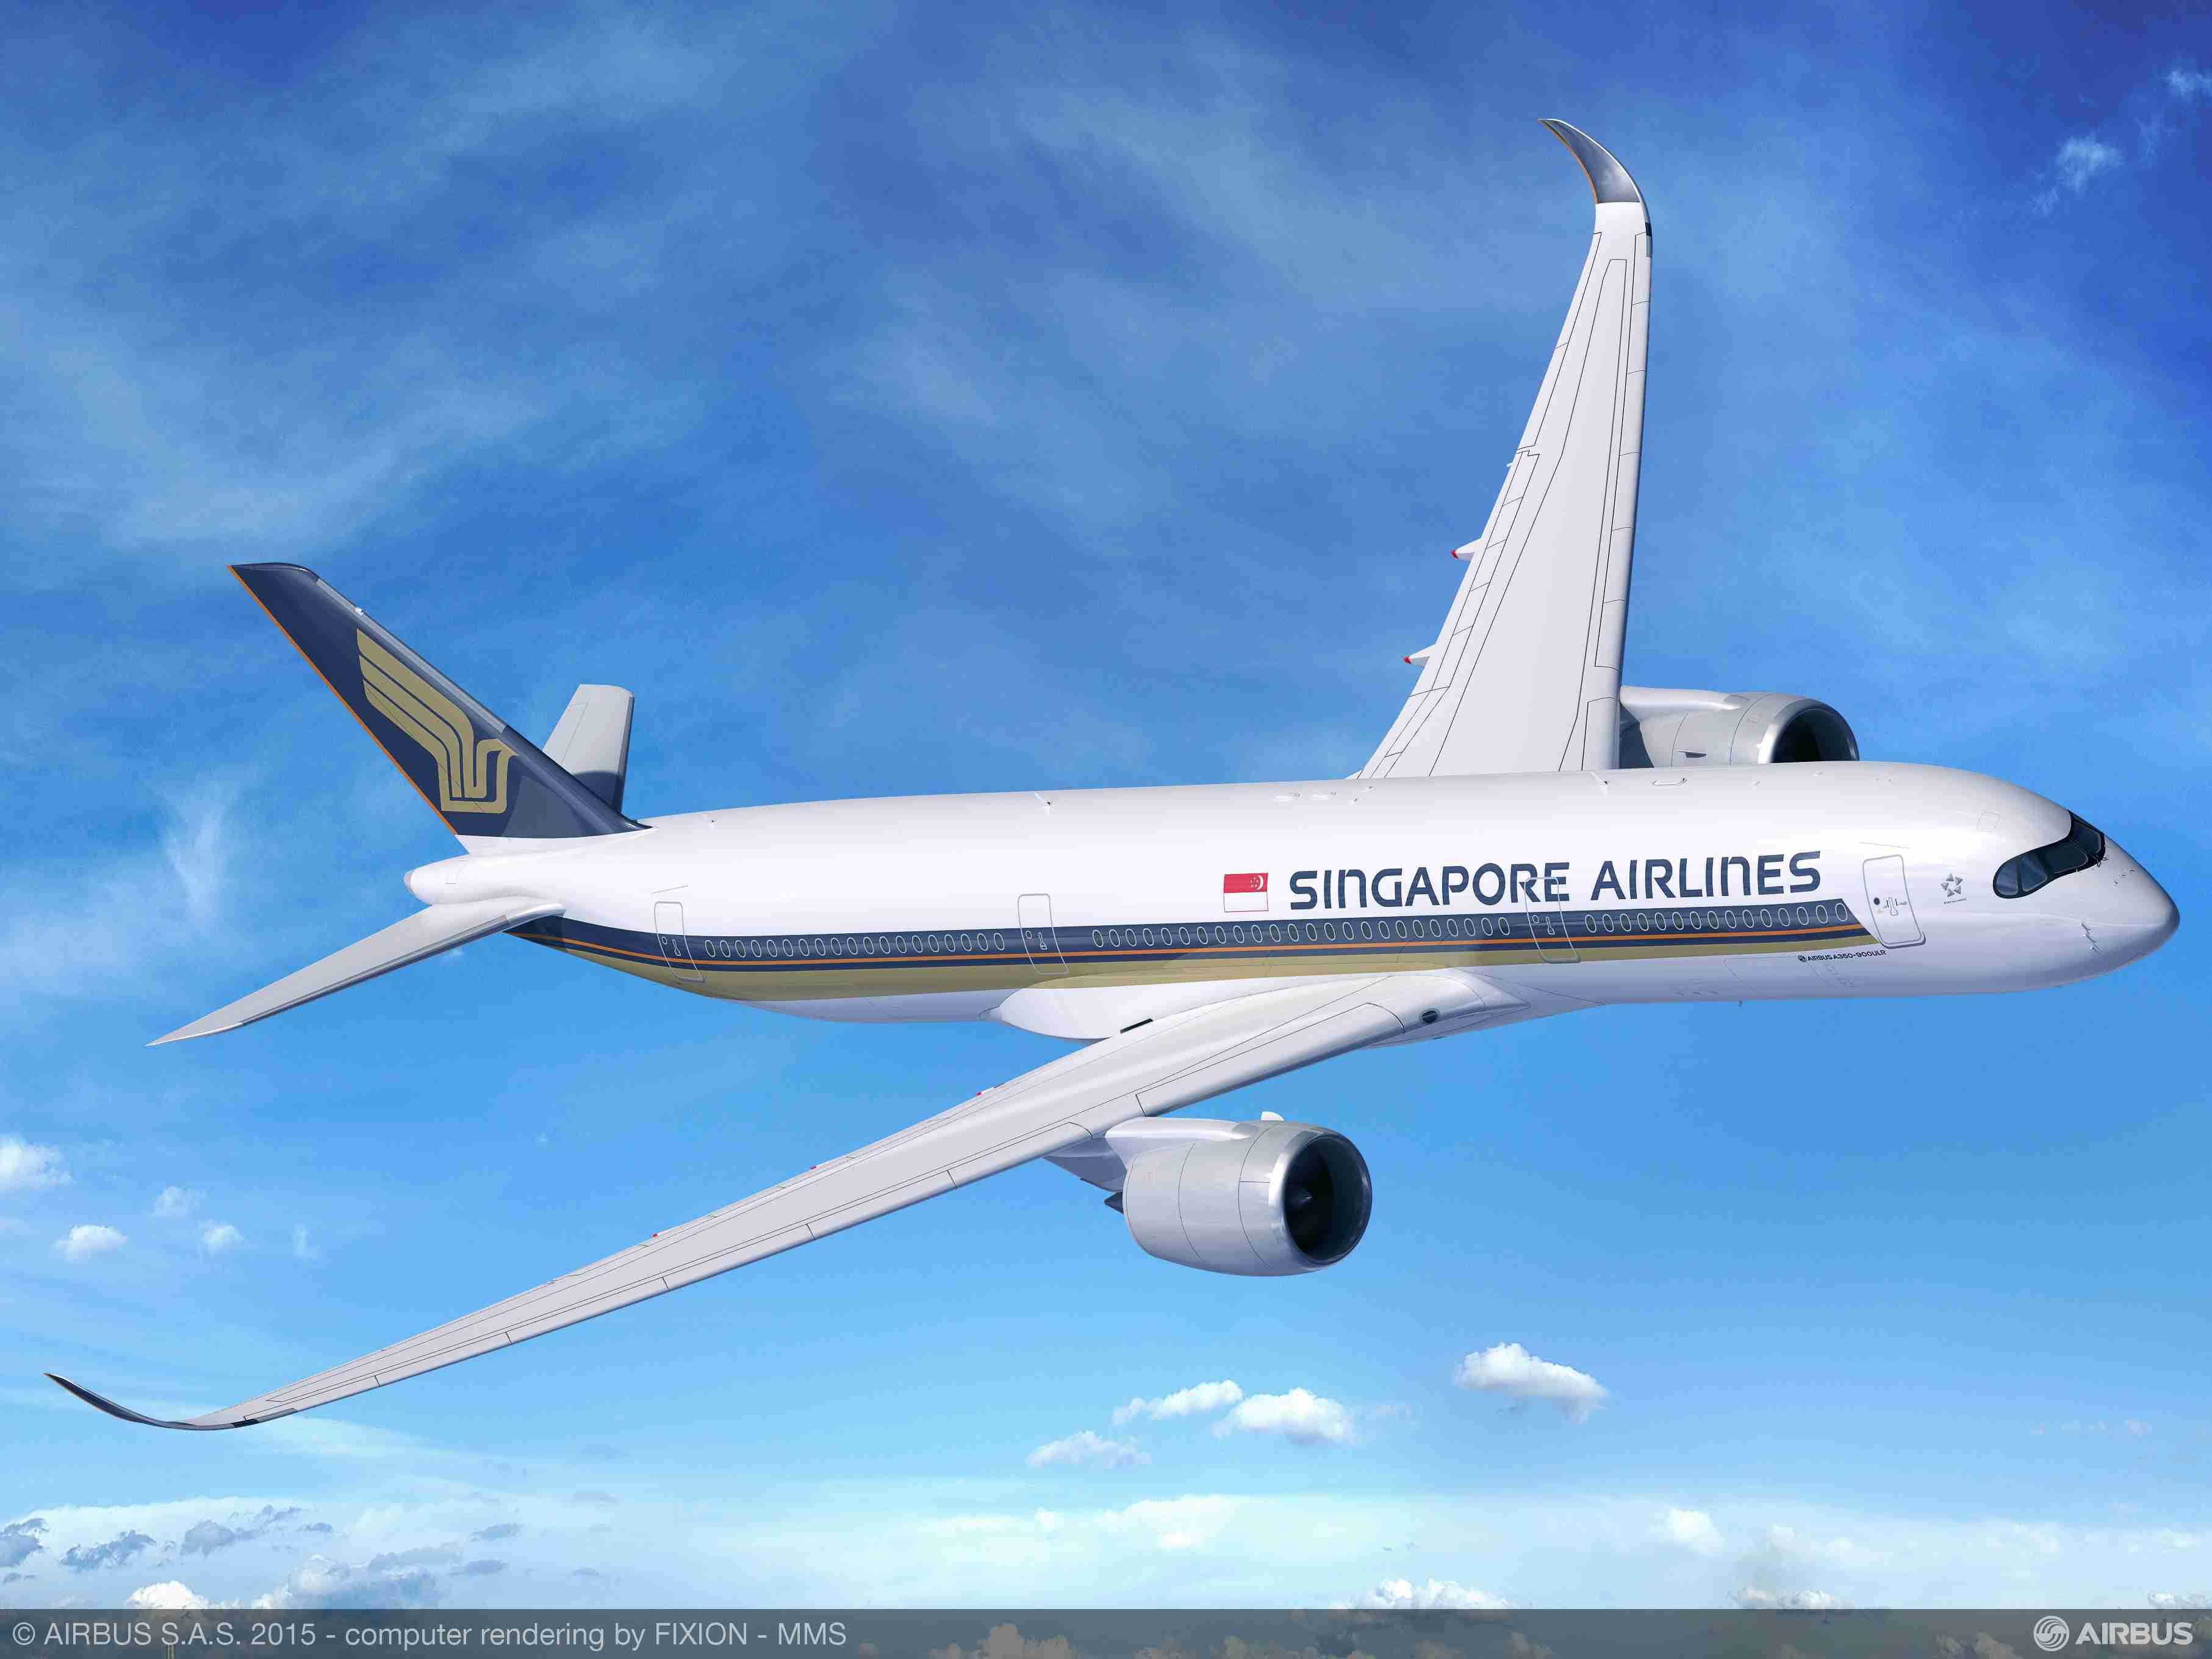 Airbus lanza su avión de ultra largo alcance, para vuelos de 19 horas sin escalas